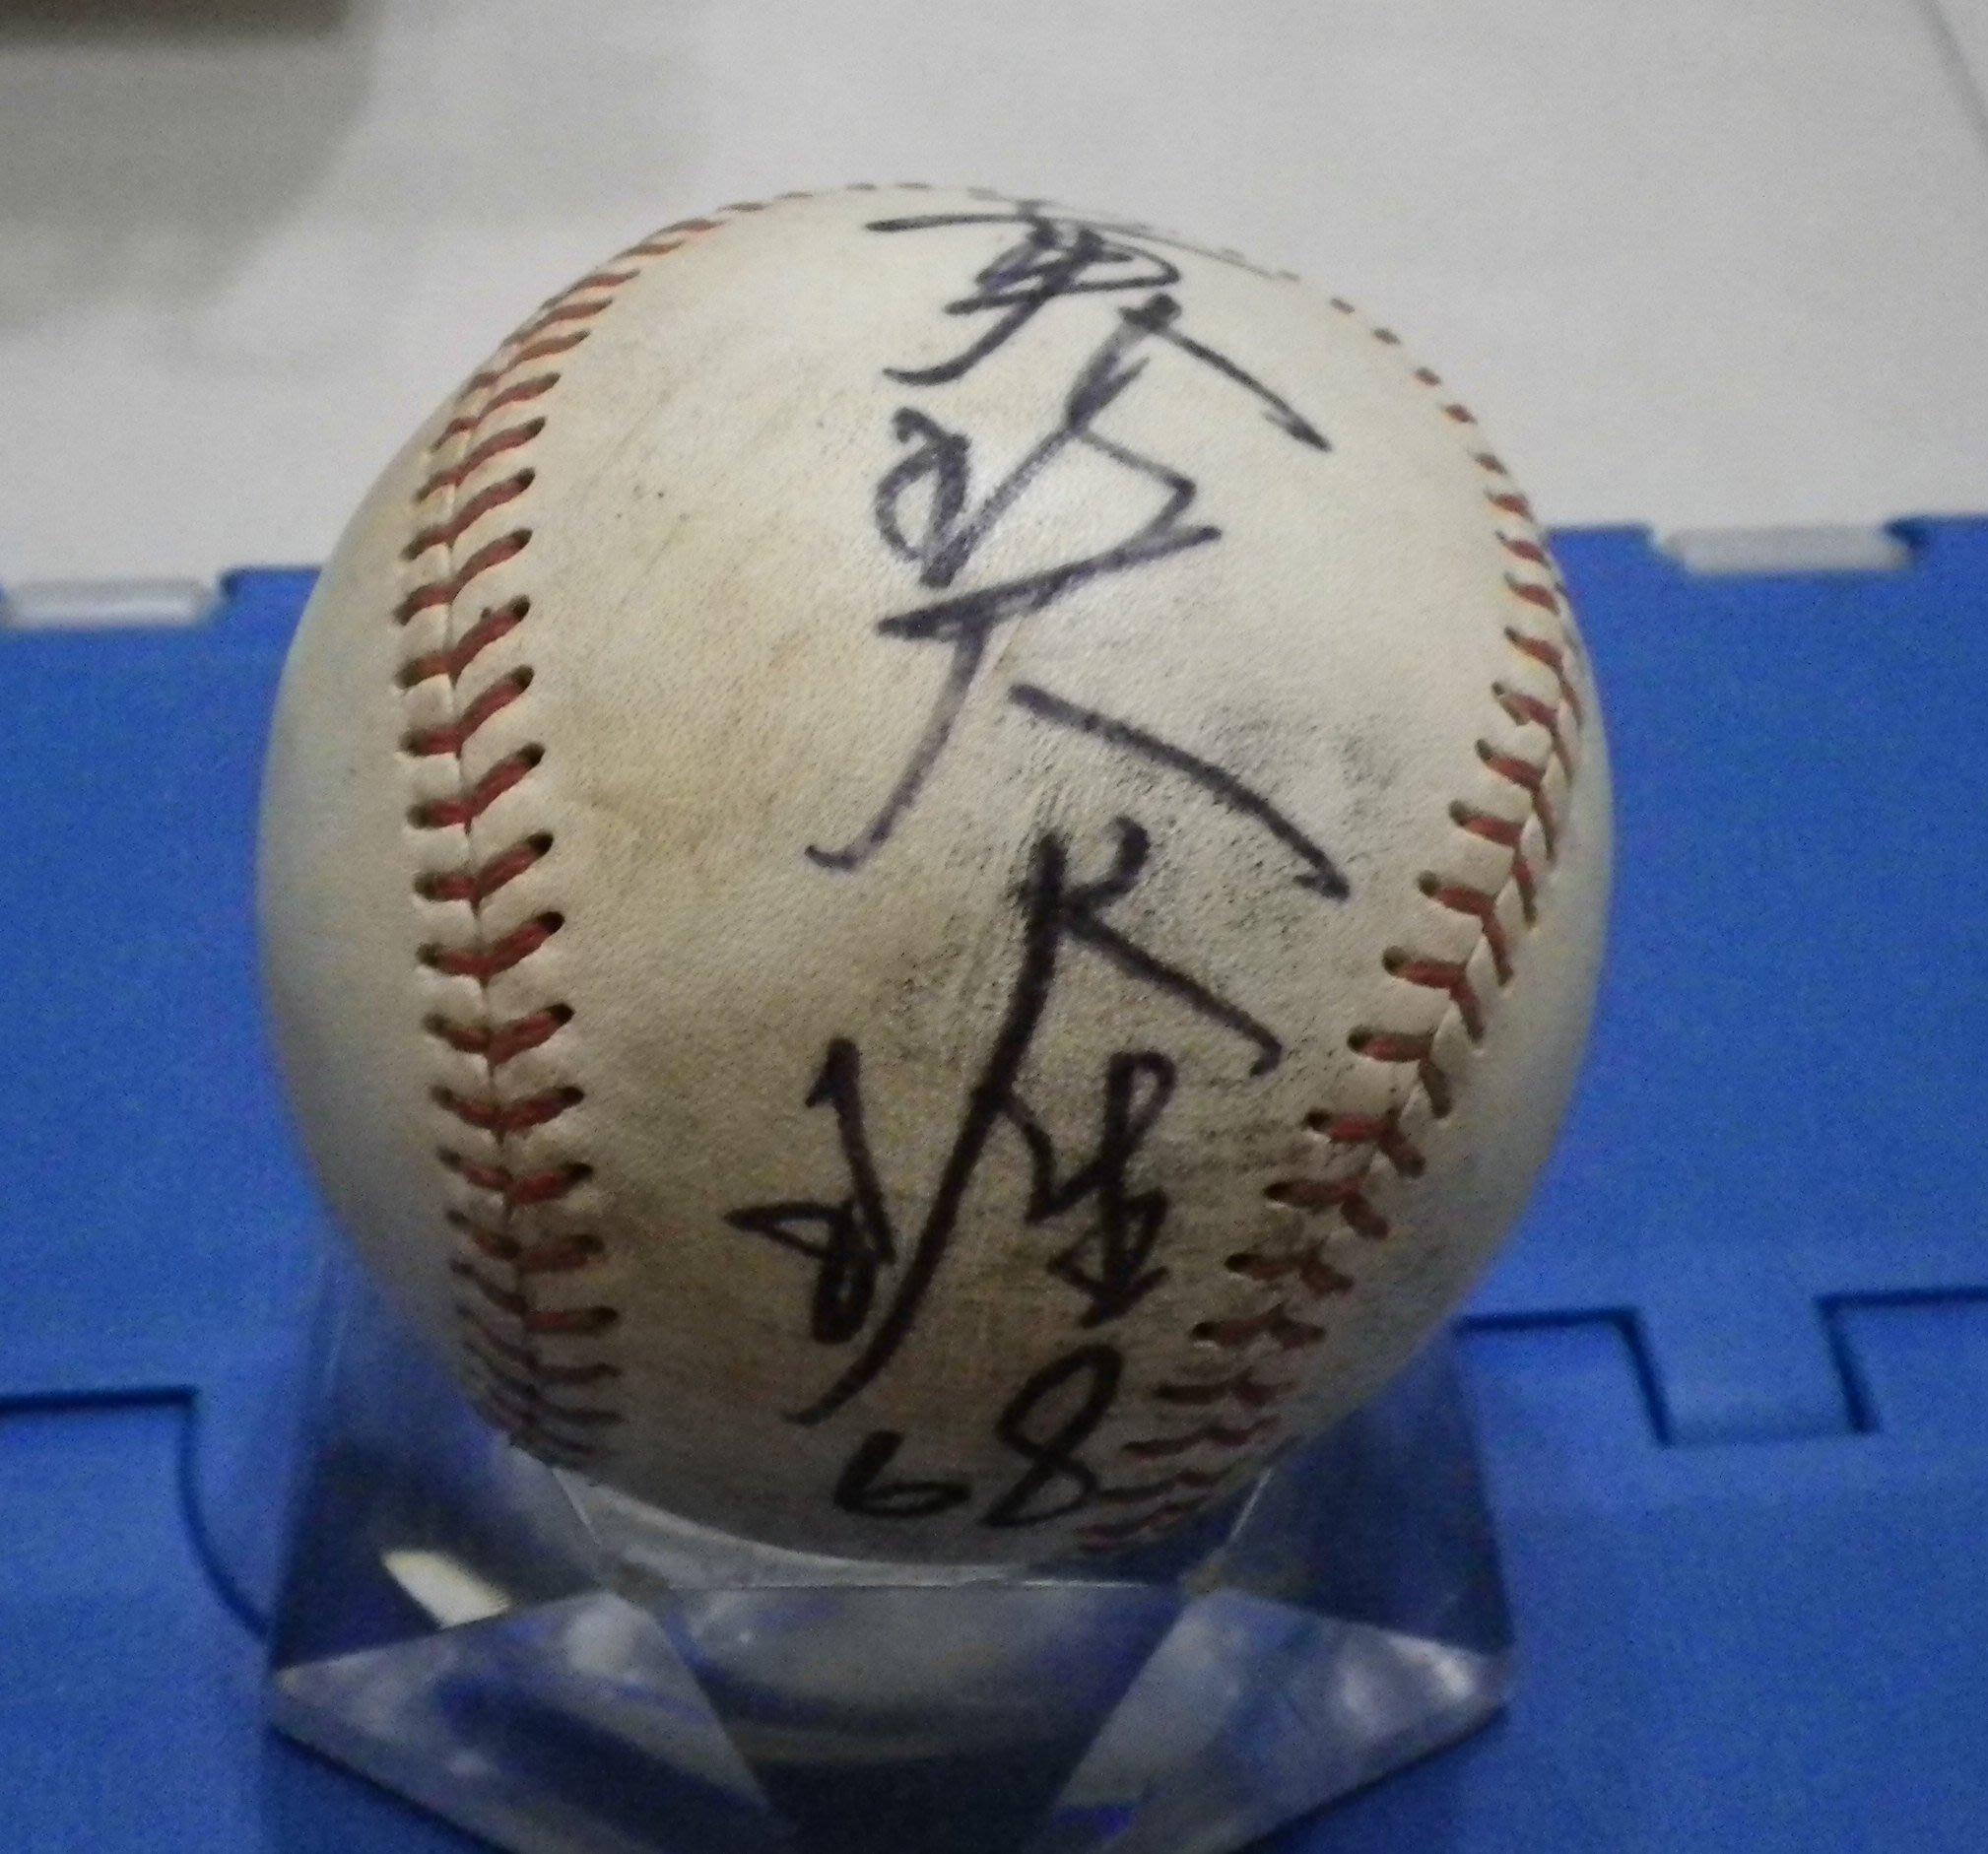 棒球天地----超級絕版--味全龍 黃煚隆 早期簽名球